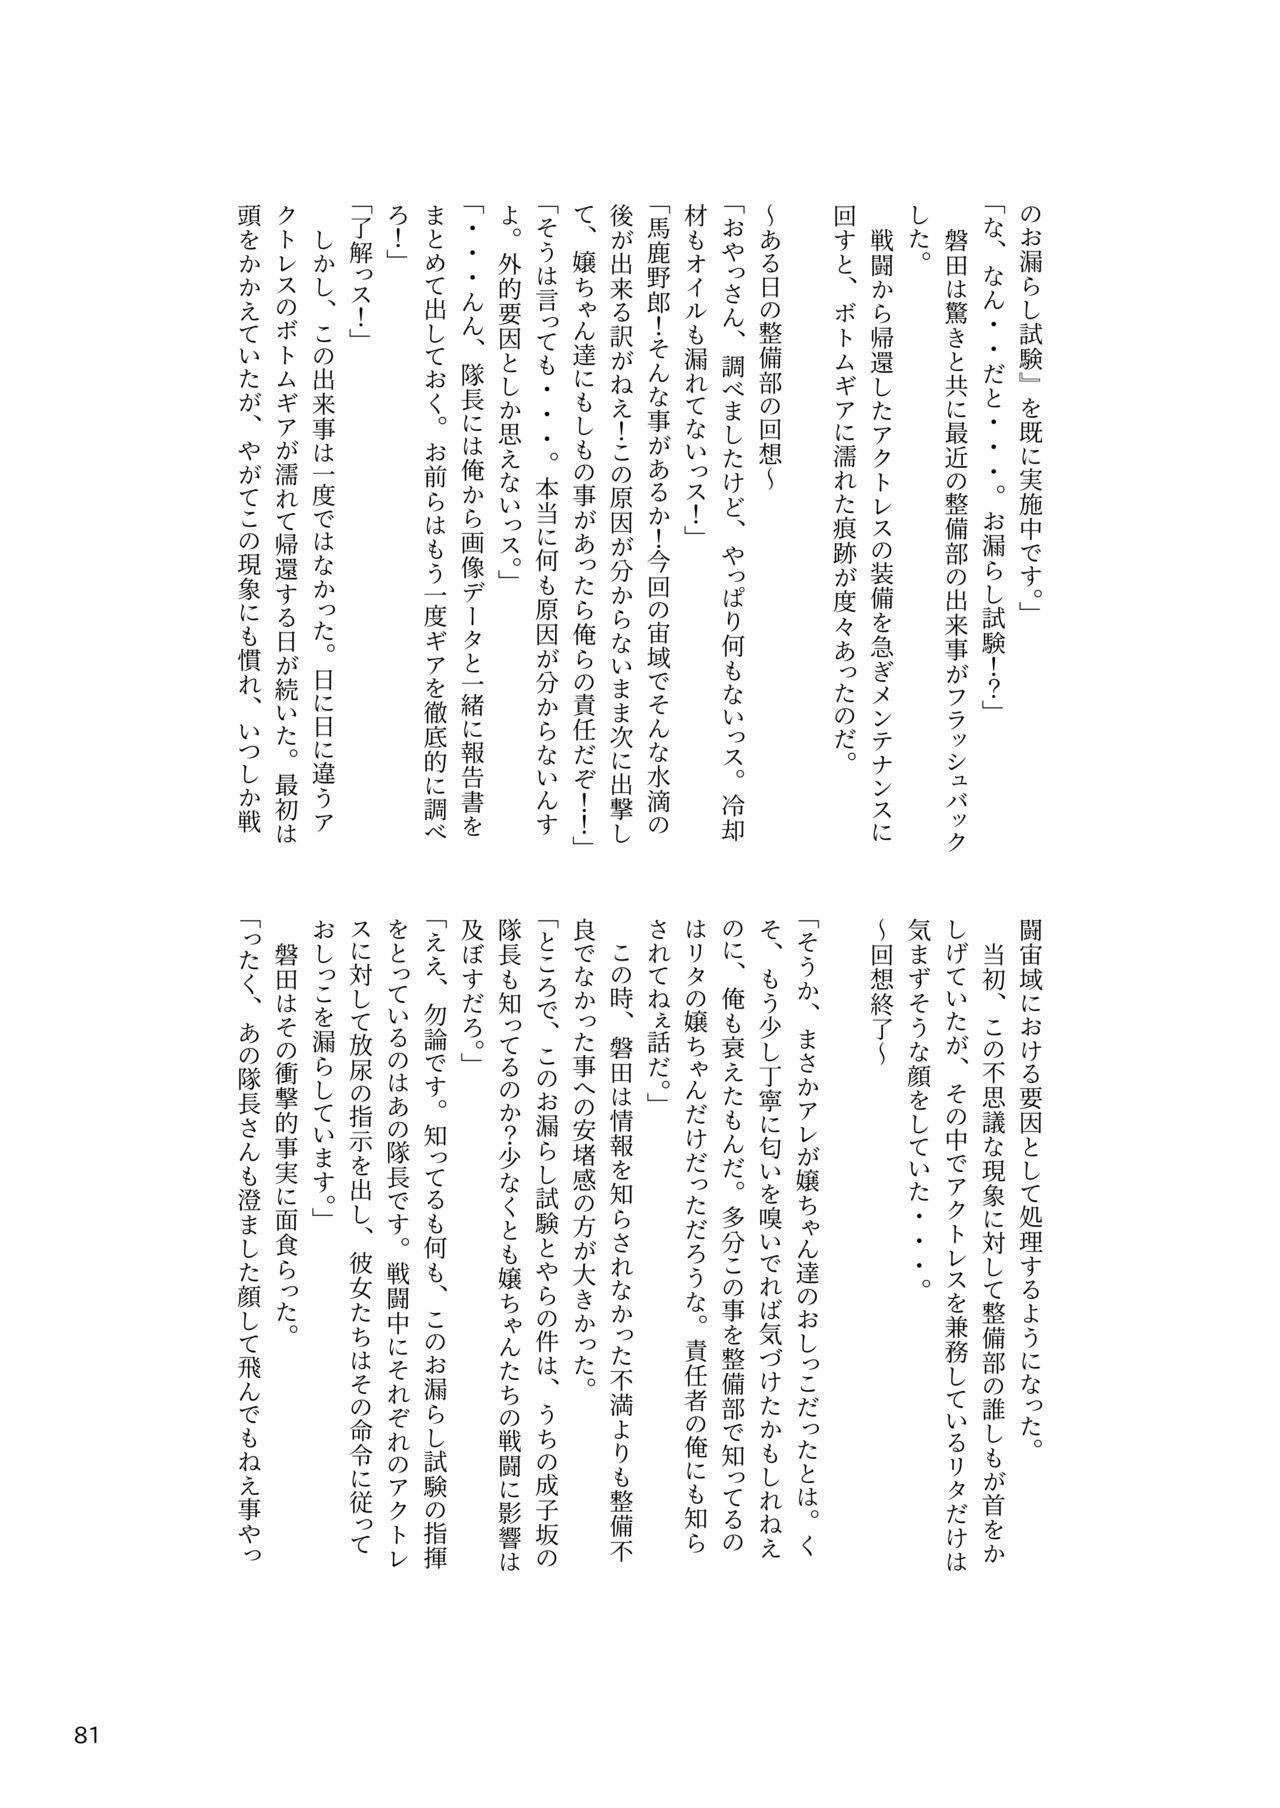 ア○スギア総合スカトロアンソロジー アクトレス排泄実態調査任務~スカポためるっすか!?~ 80